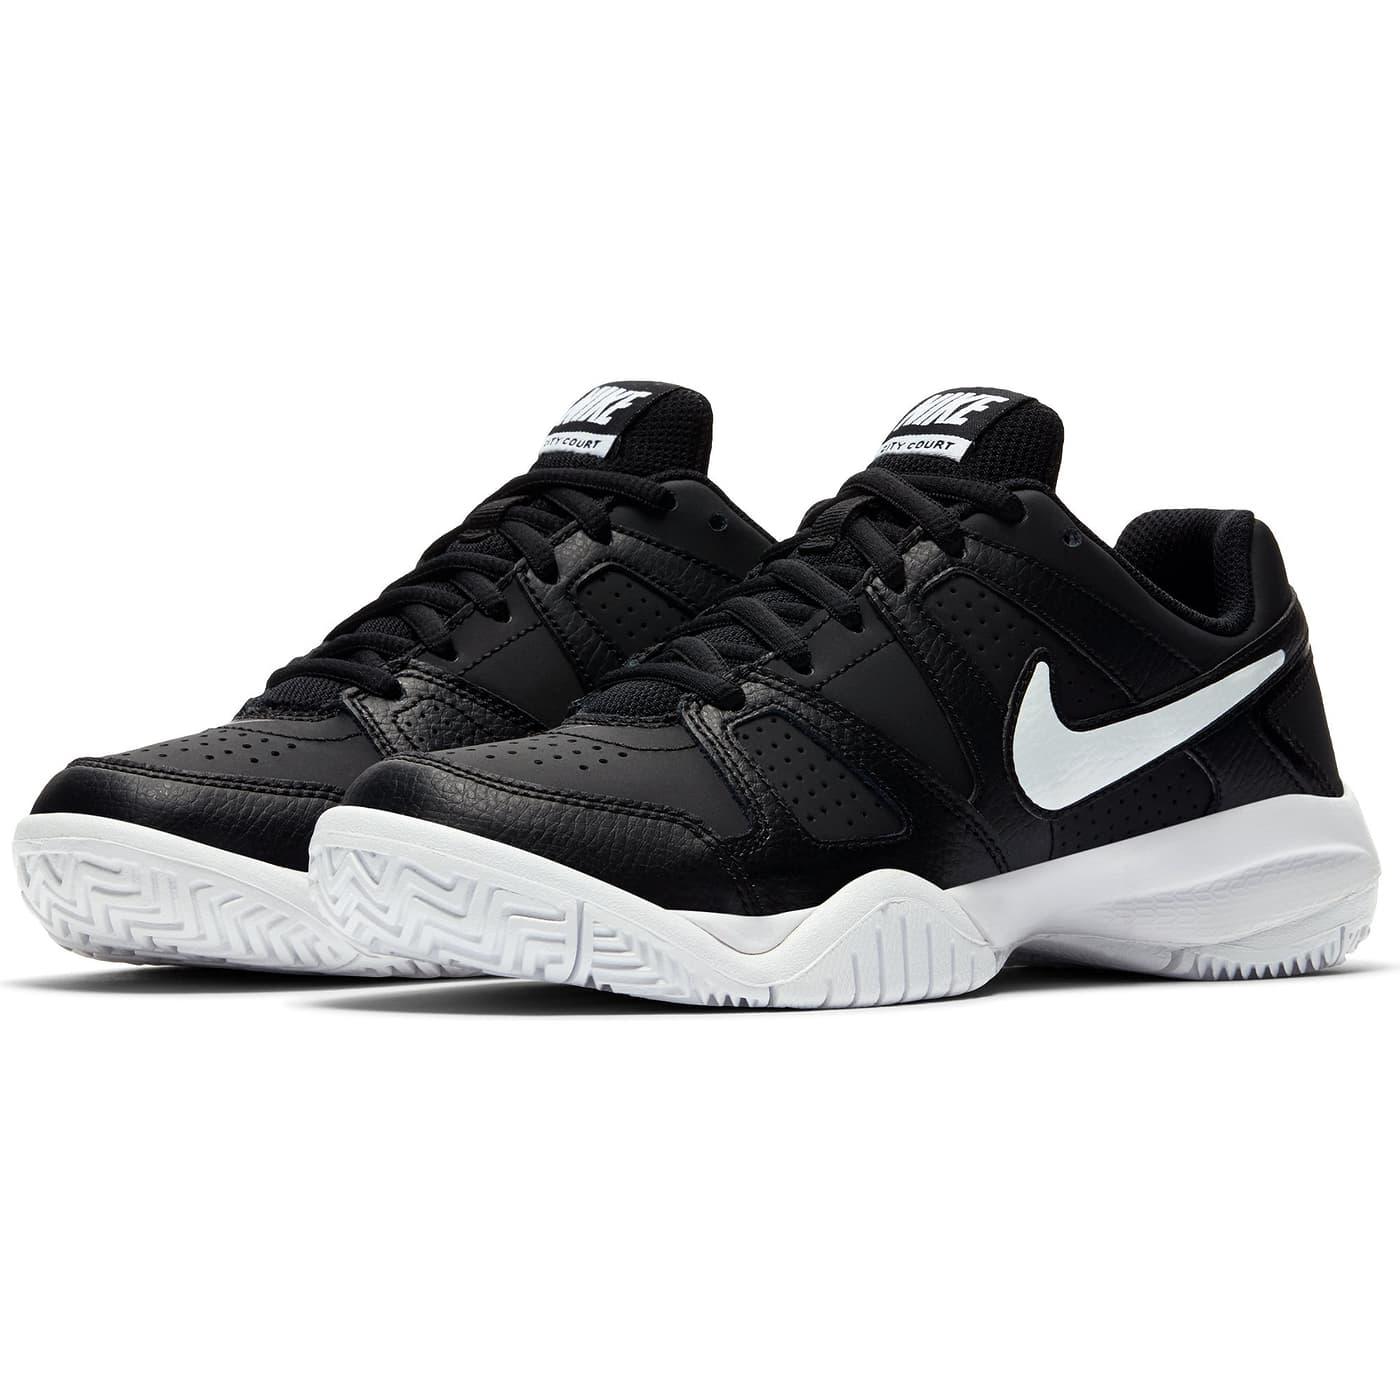 Court De Chaussures Enfant Pour Tennis Migros Nike City 7 OHwqSS